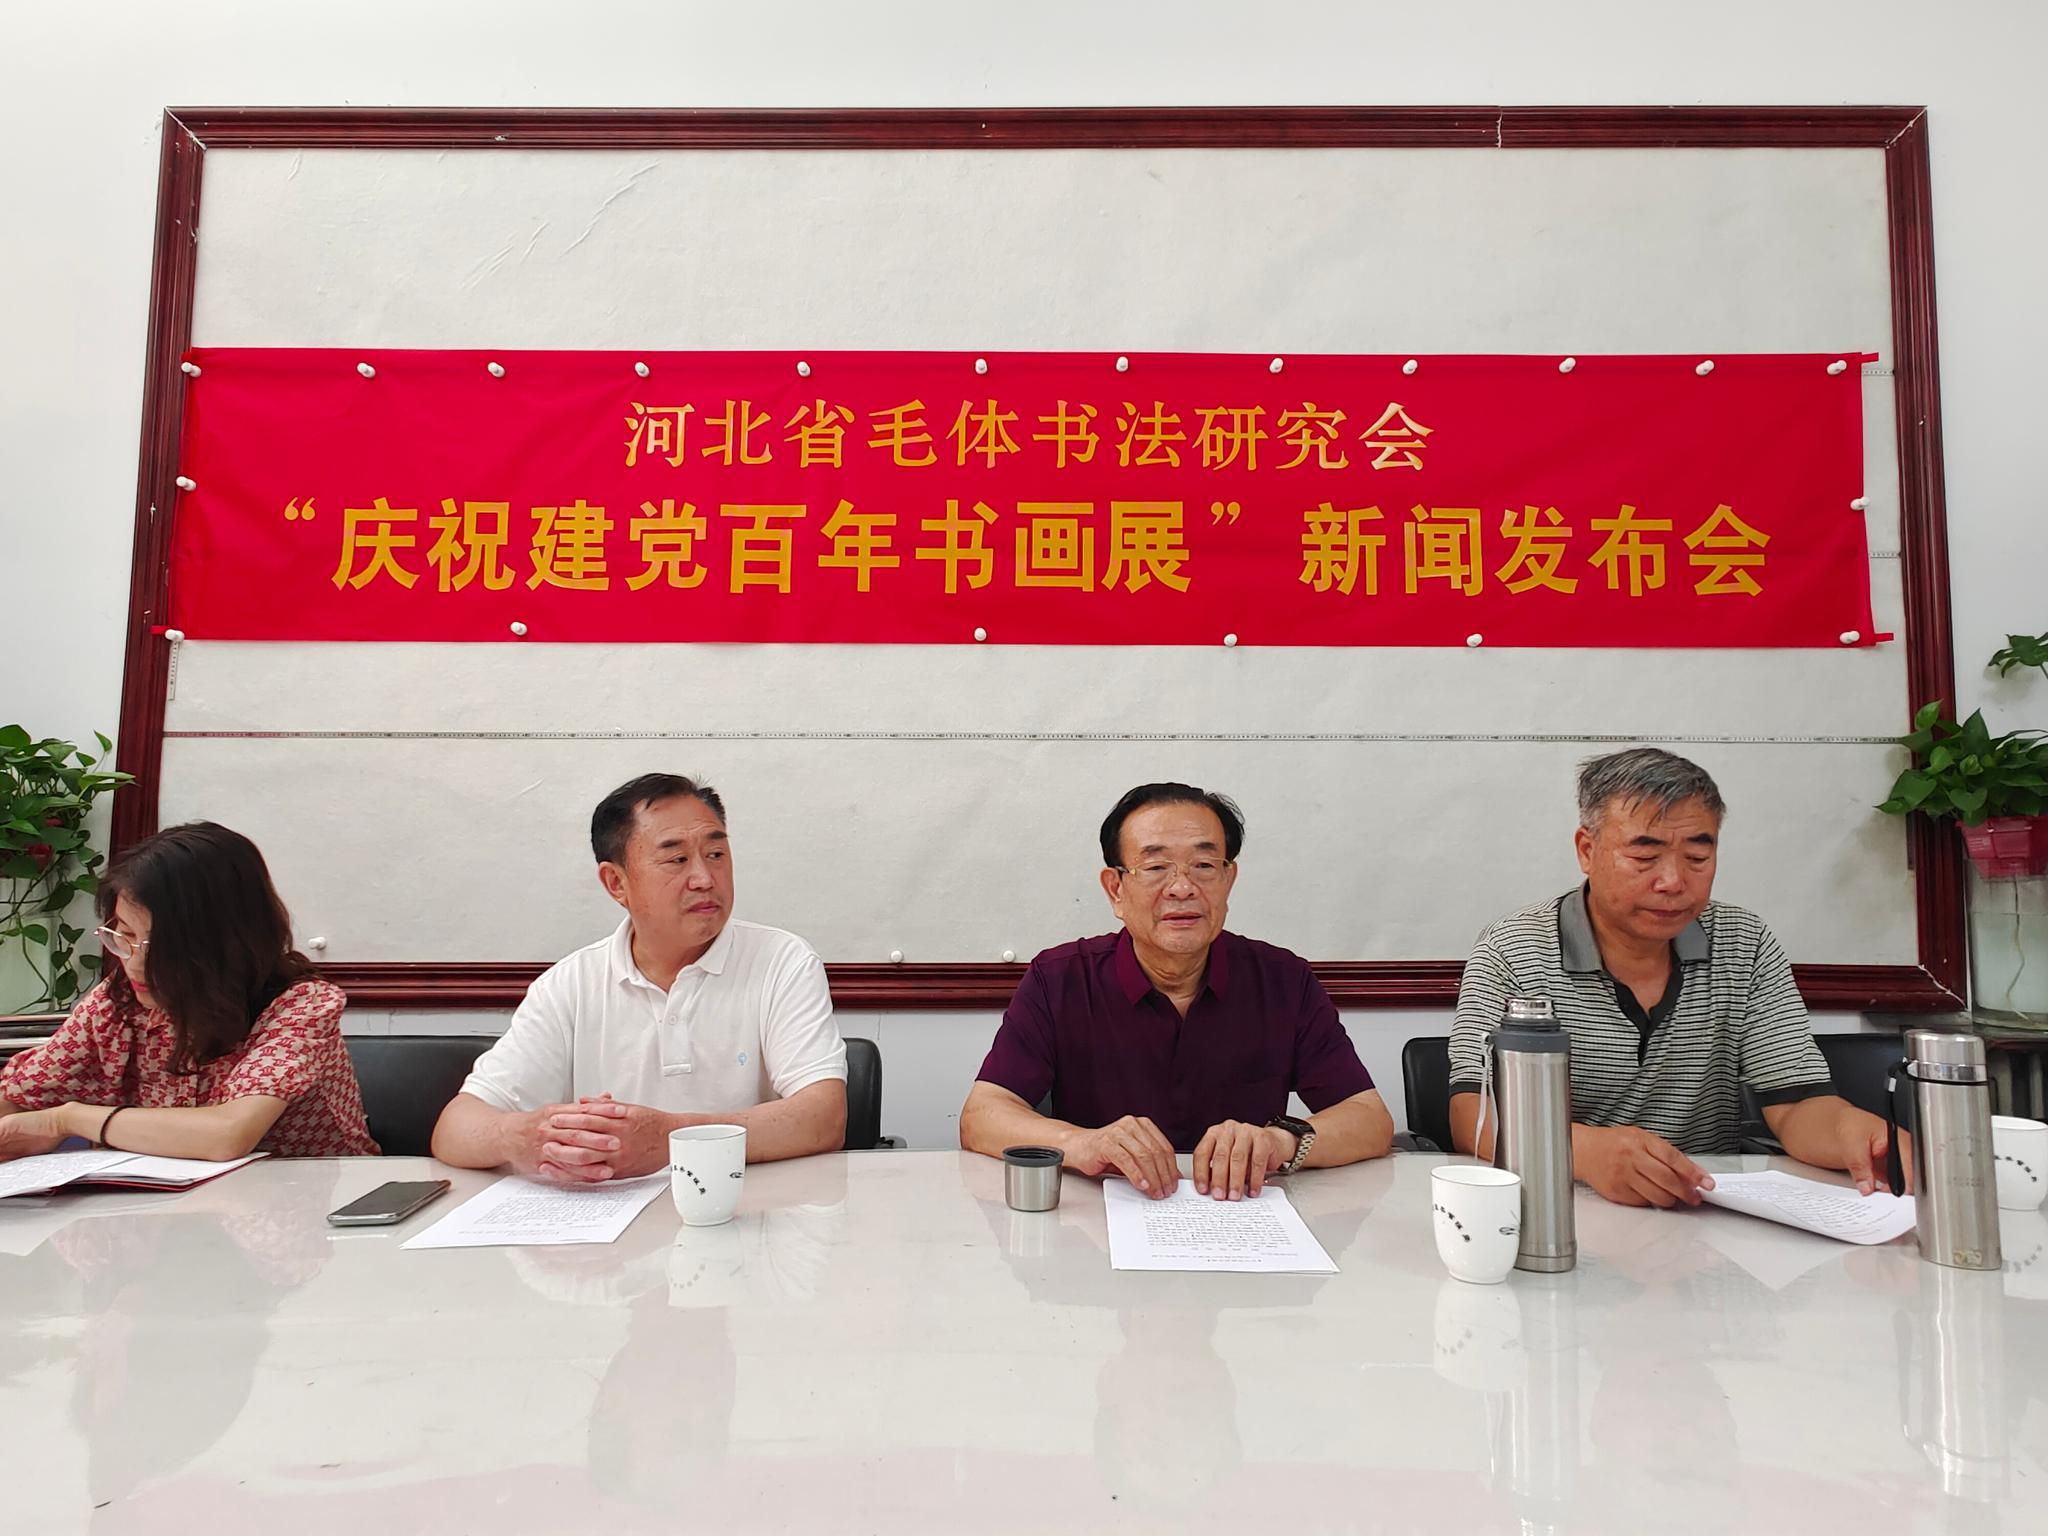 河北省毛体书法研究会庆祝建党百年书画展26日开展